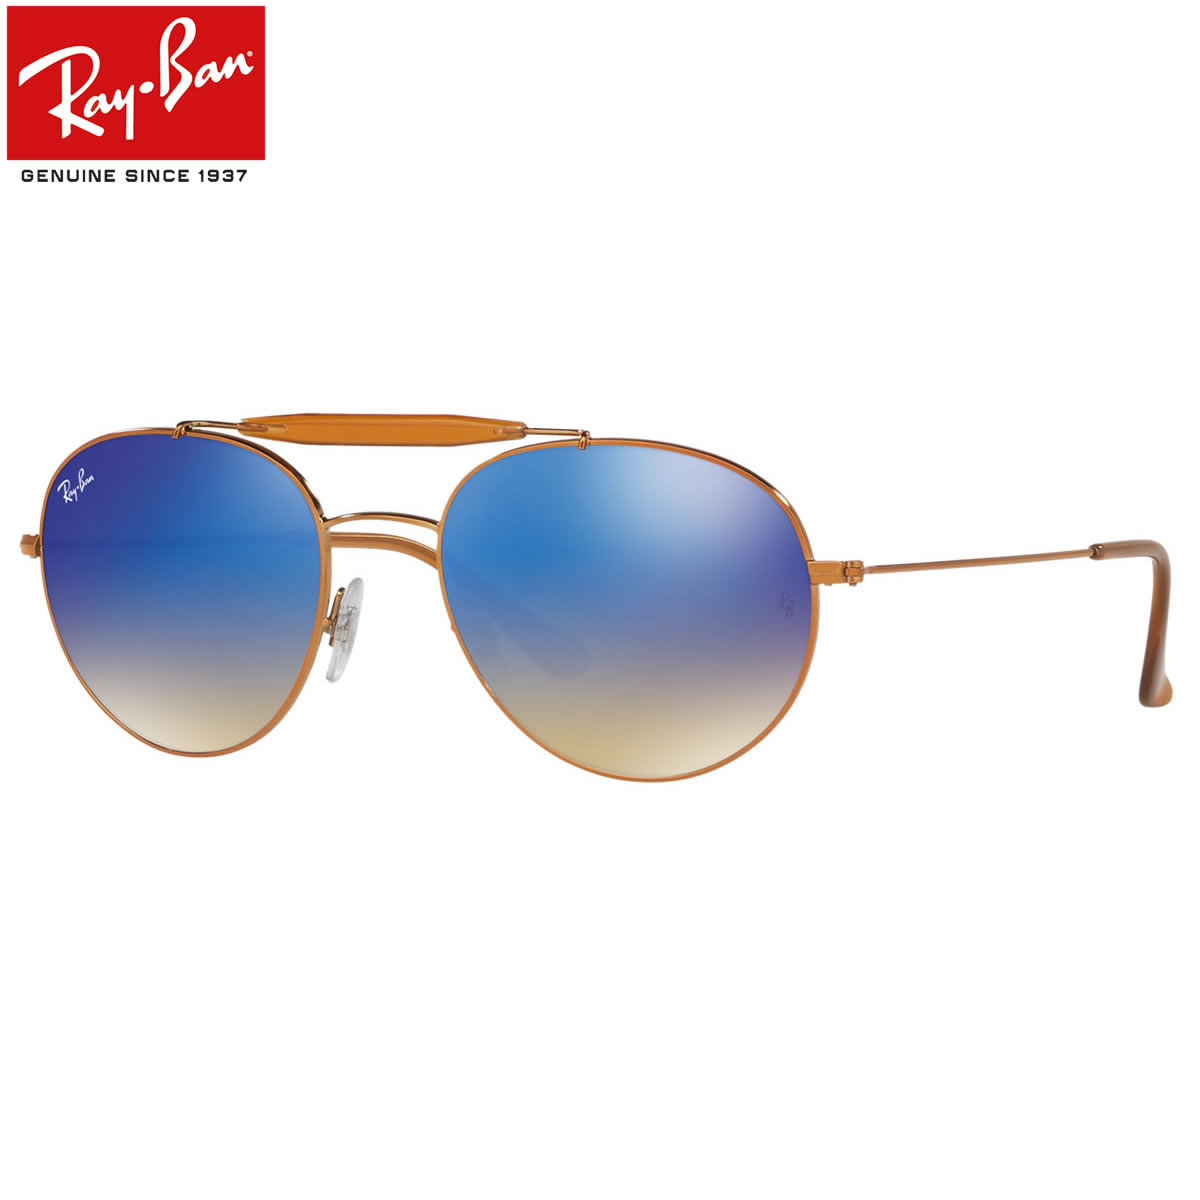 レイバン サングラス ミラー Ray-Ban RB3540 198/8B 56サイズ レイバン RAYBAN 1988B OUTDOORSMAN アウトドアーズマン ツーブリッジ ダブルブリッジ ROUND ラウンド ボストン 丸メガネ ミラー ブルーレンズ メンズ レディース